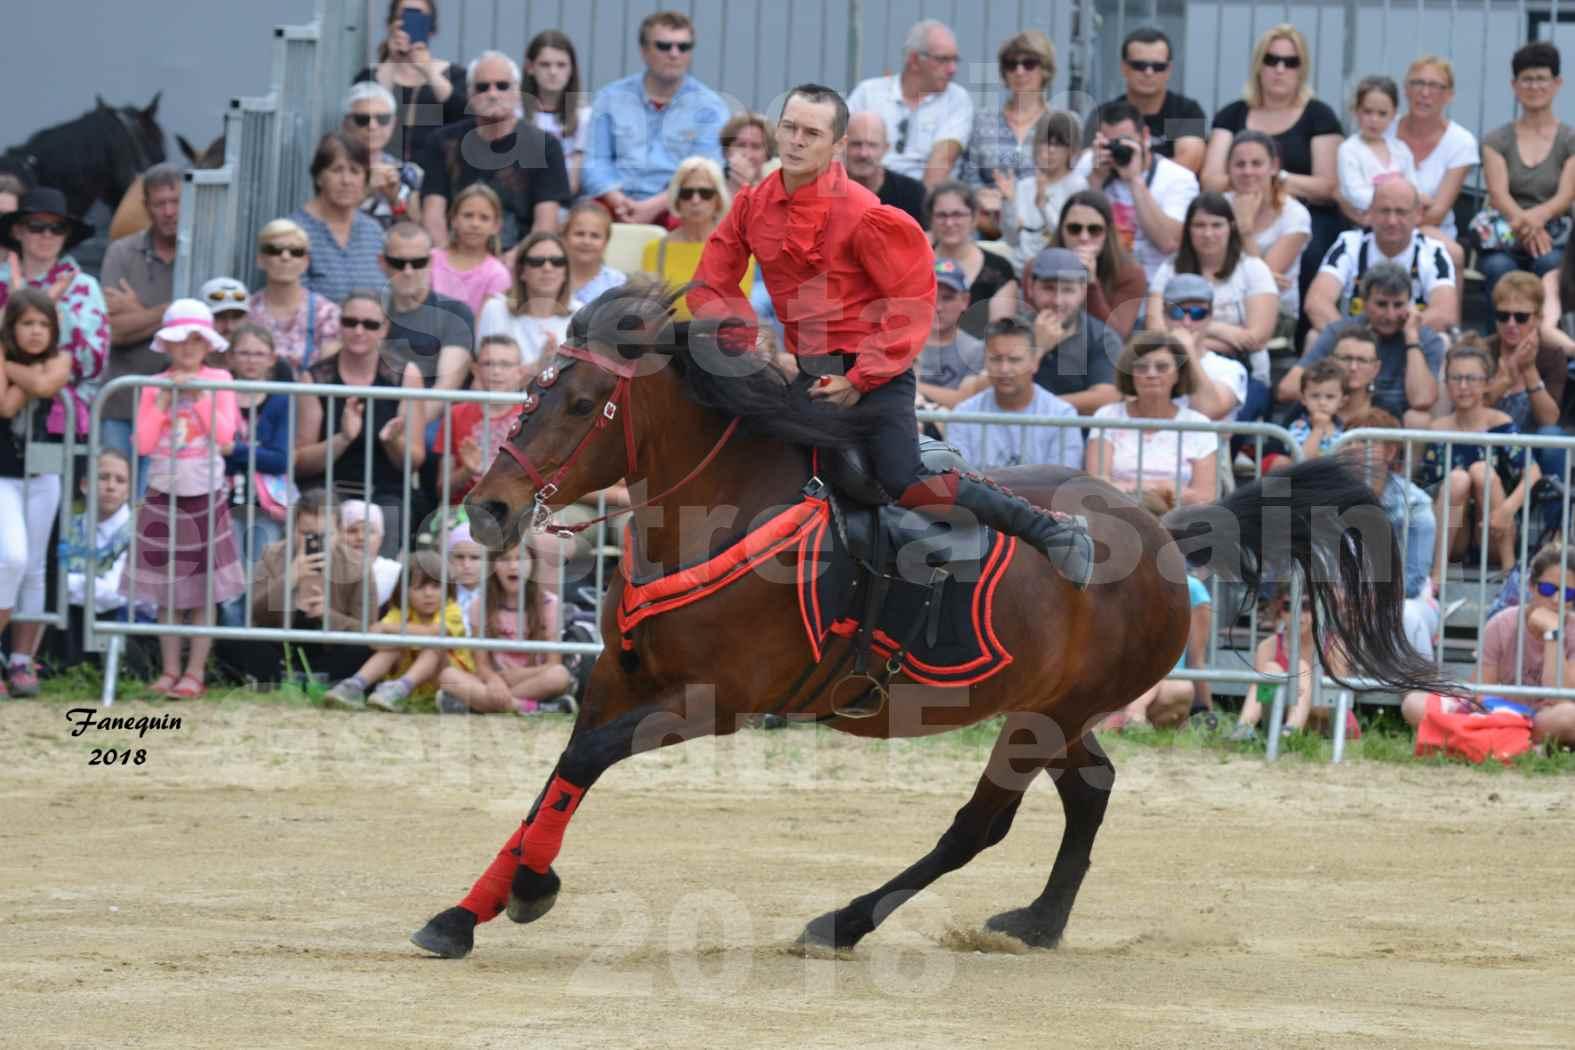 Spectacle Équestre le 3 juin 2018 à Saint Gély du Fesc - Voltige équestre - Troupe de Jean Antoine FIRMIN - 02